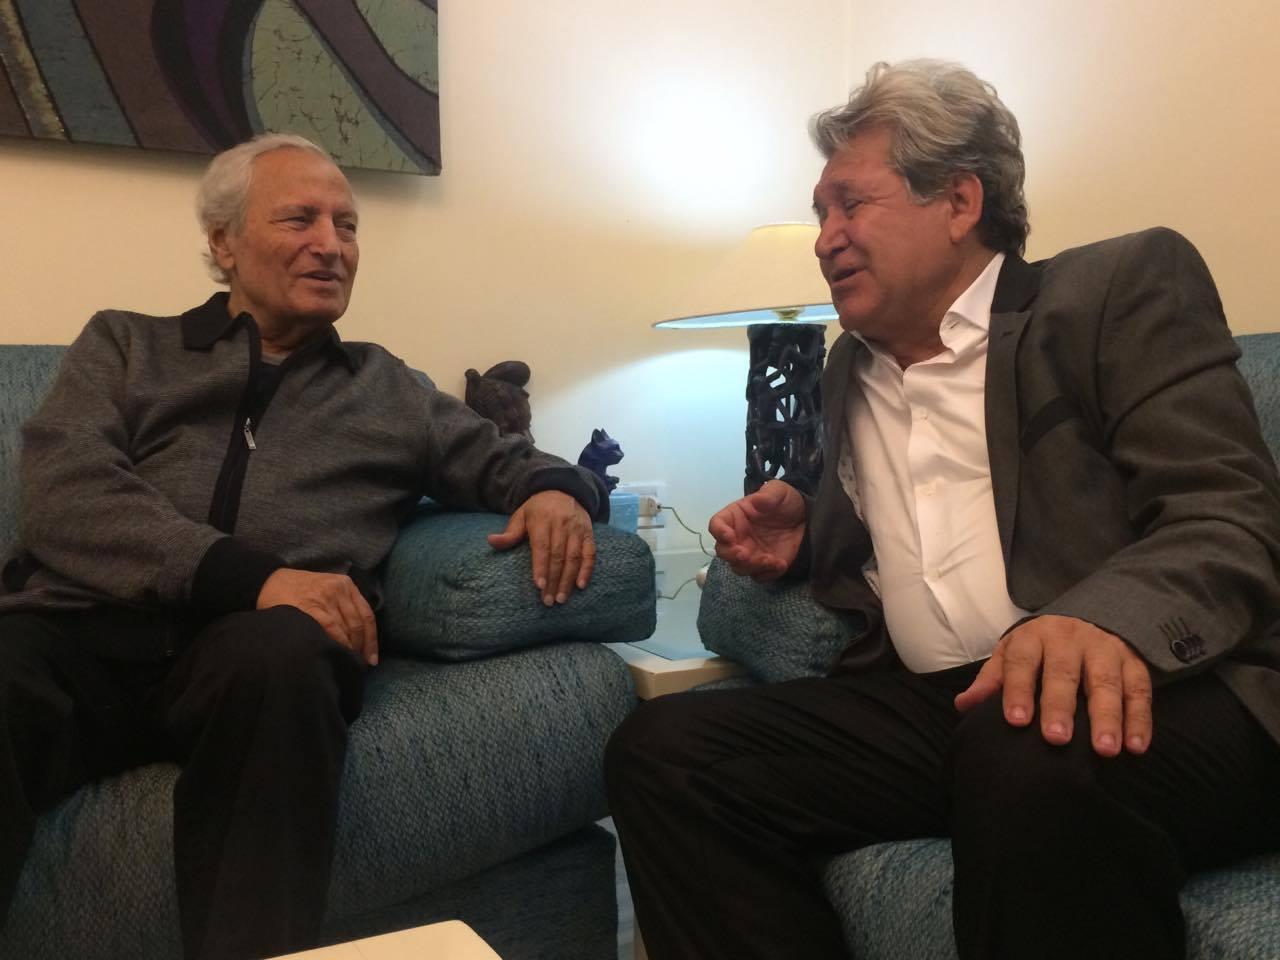 الشاعر السوري هادي دانيال مع وزير الخارجية السورية السابق فاروق الشرع (صفحة دانيال في فيس بوك)